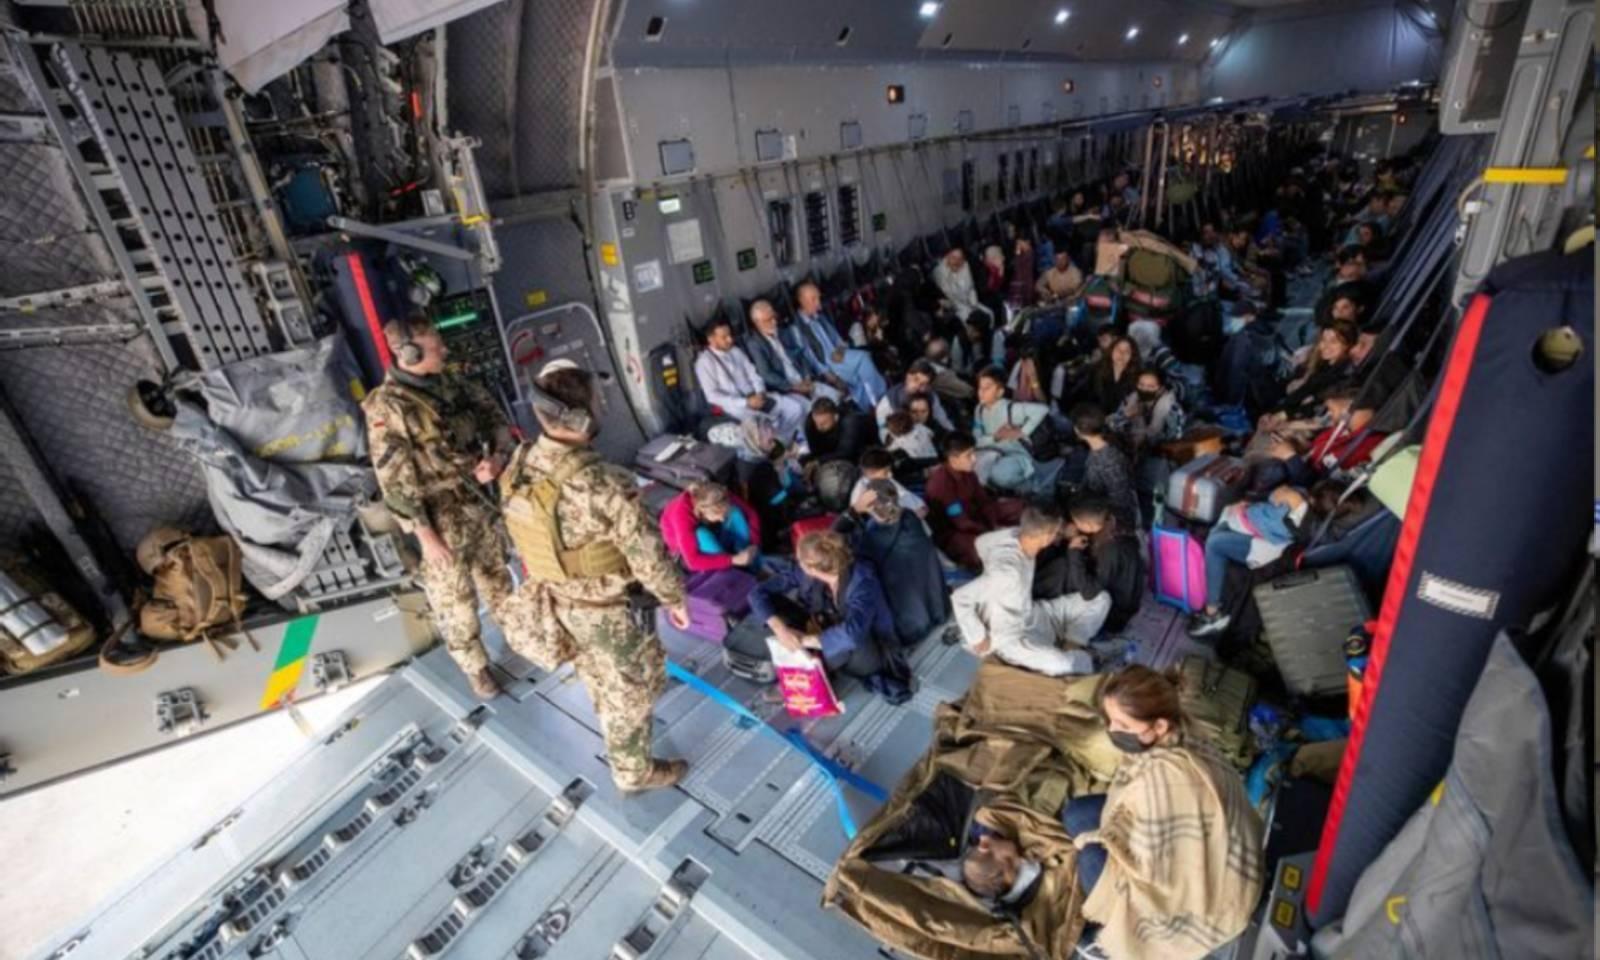 جرمن ایئرفورس کی ایئر بس میں تاشقند پہنچنے والے افغان شہری سوار ہیں — فوٹو: رائٹرز